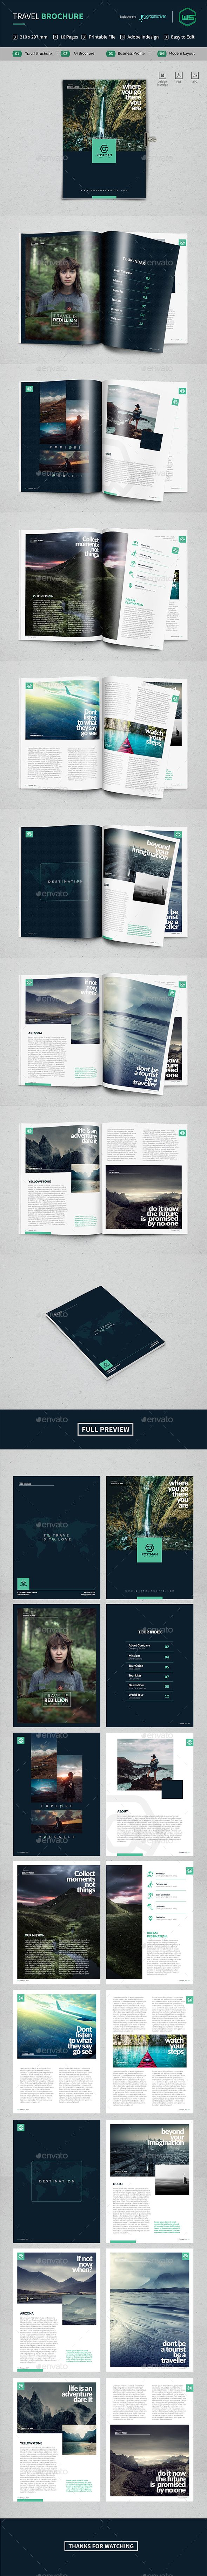 Brochure Travel - Brochures Print Templates | Download: https://graphicriver.net/item/brochure-travel/18722862?ref=sinzo